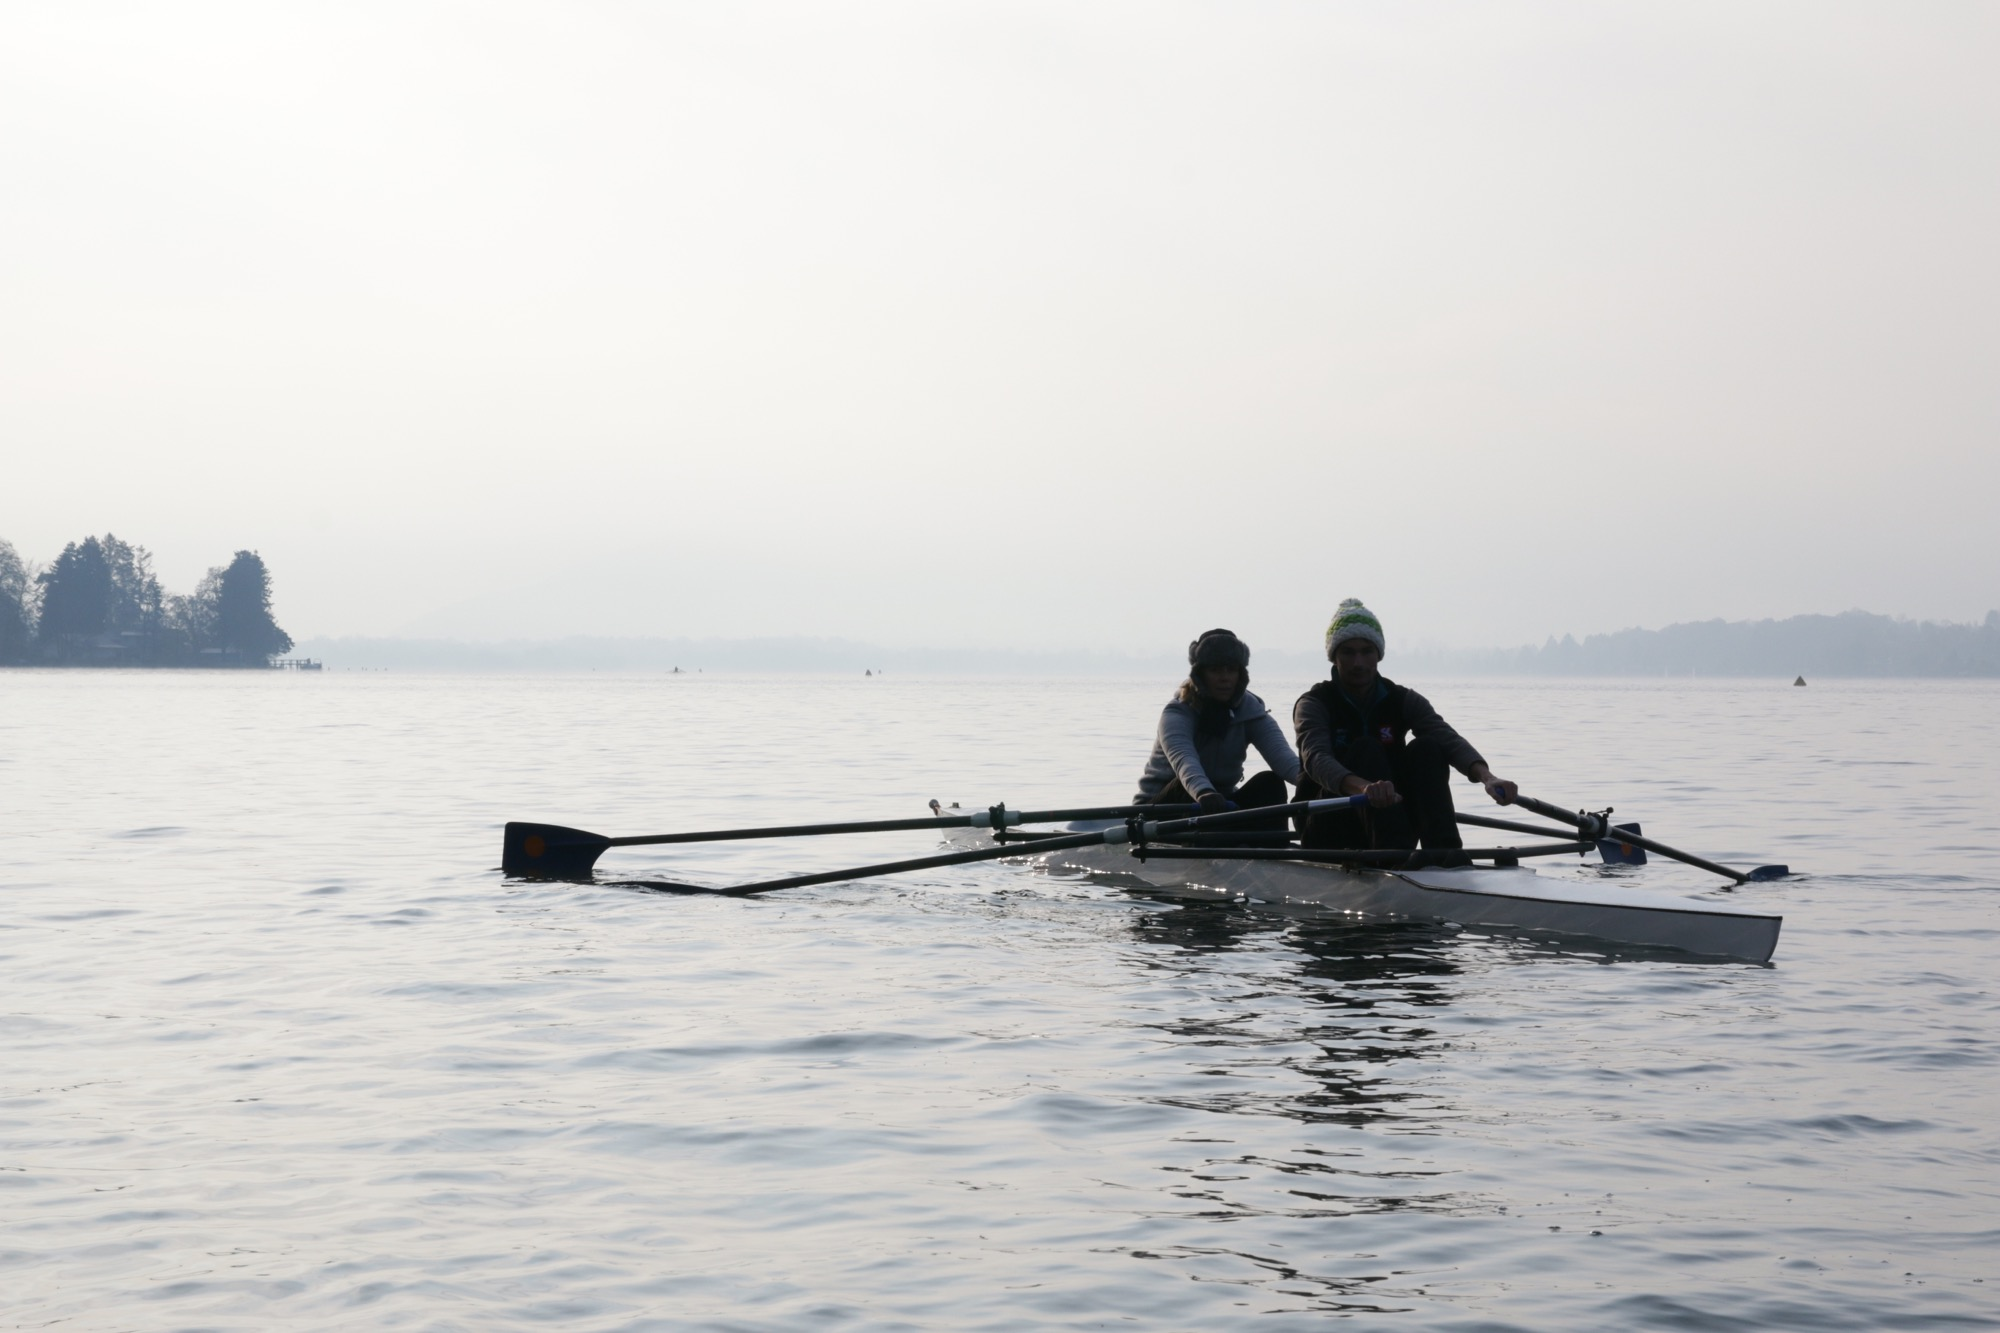 Avec mon ami Flo, on testait l'aviron, en Novembre 2013 sur le Lac d'Annecy